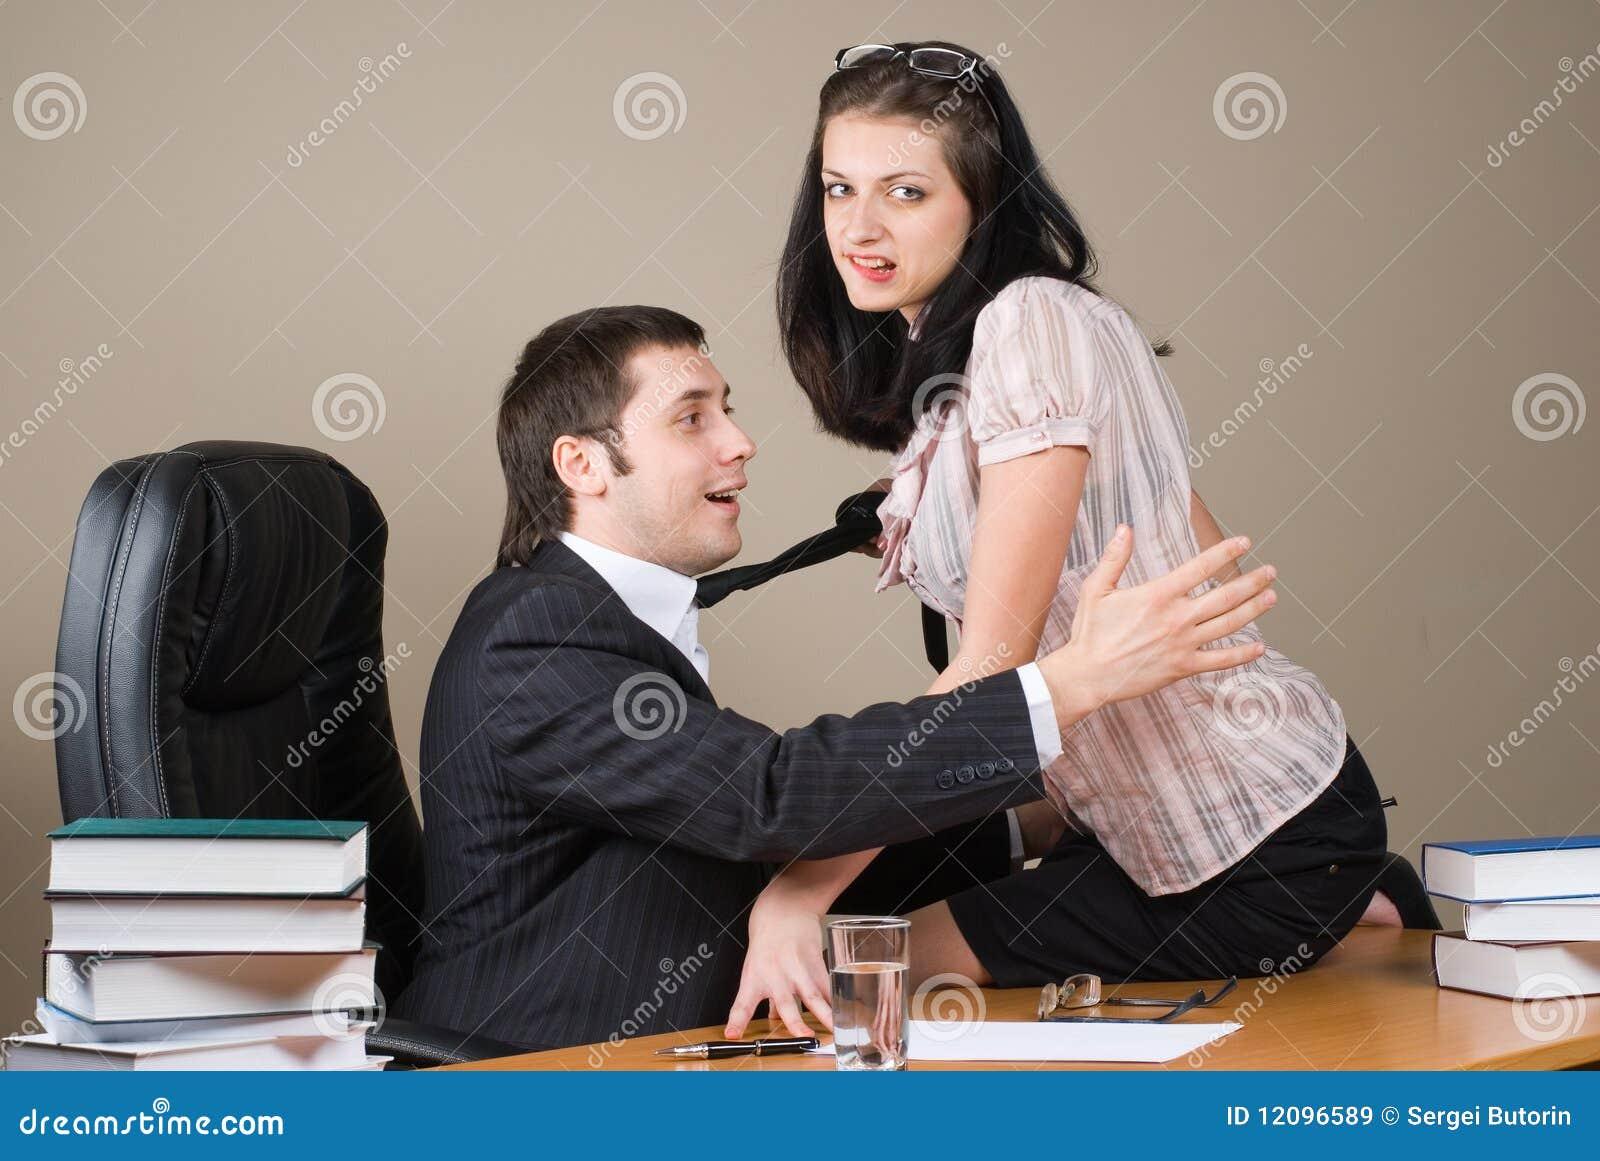 Рассказ шеф и секретарша, Лариса Маркиянова. Секретарша босс (рассказ) 25 фотография